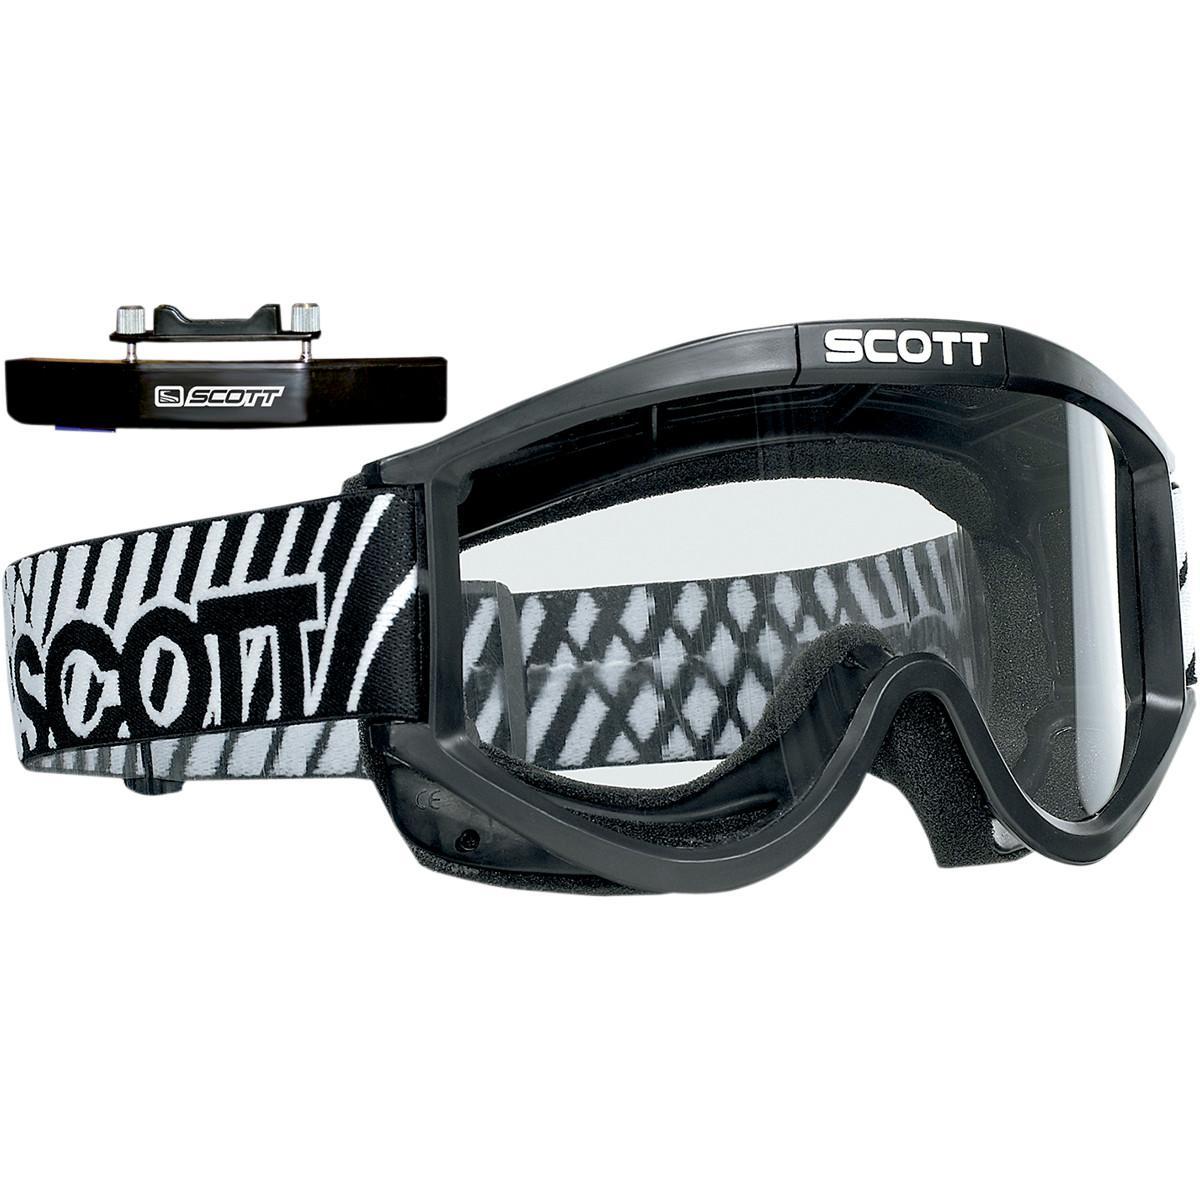 87 OTG Goggles with No-fog Fan